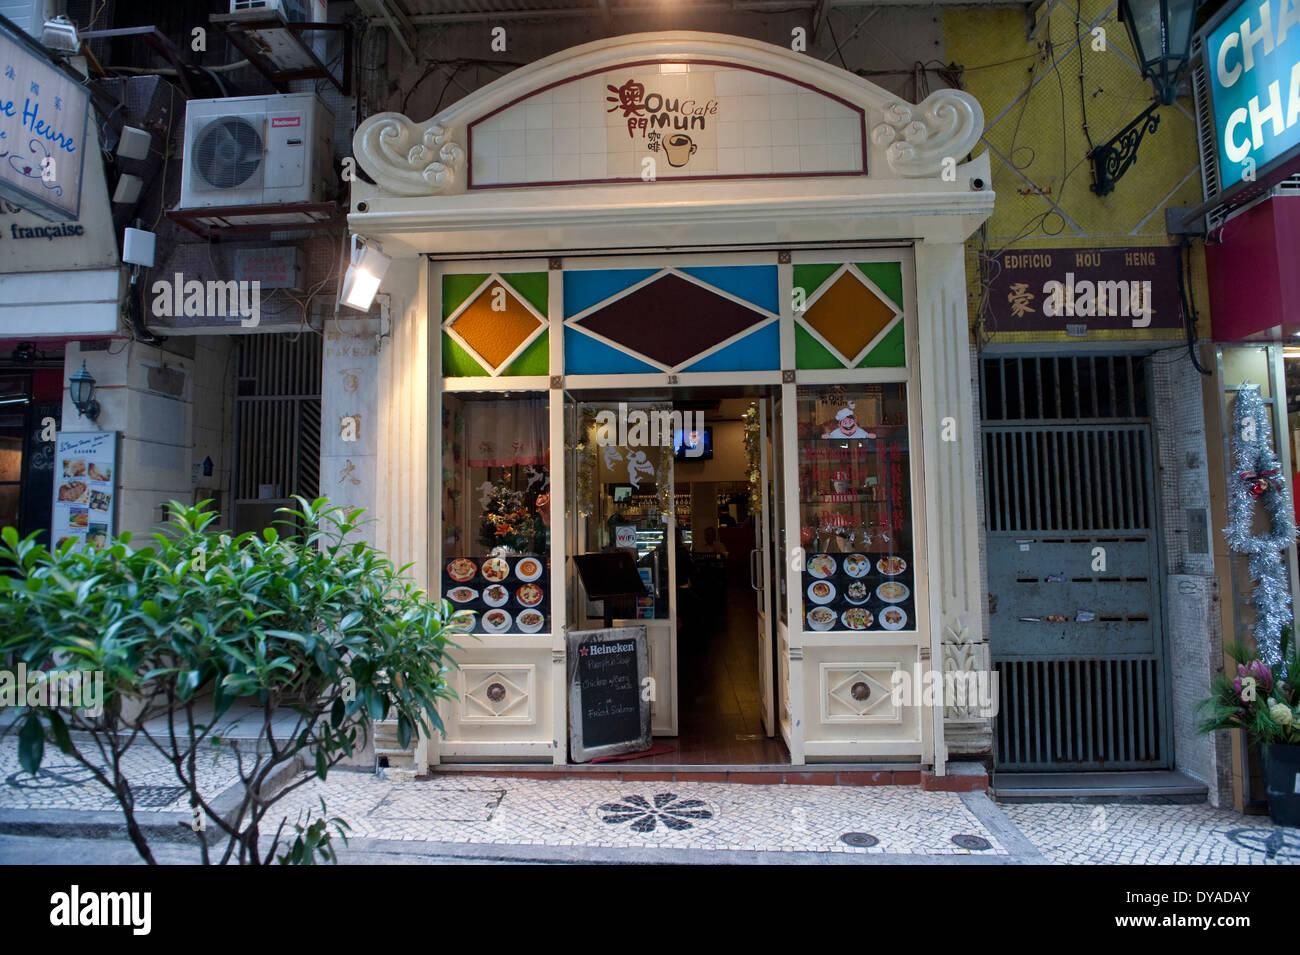 China, Asia, pedestrian precinct, mall, Macao, Macau, in Portuguese, coffee house, Ou Mun - Stock Image